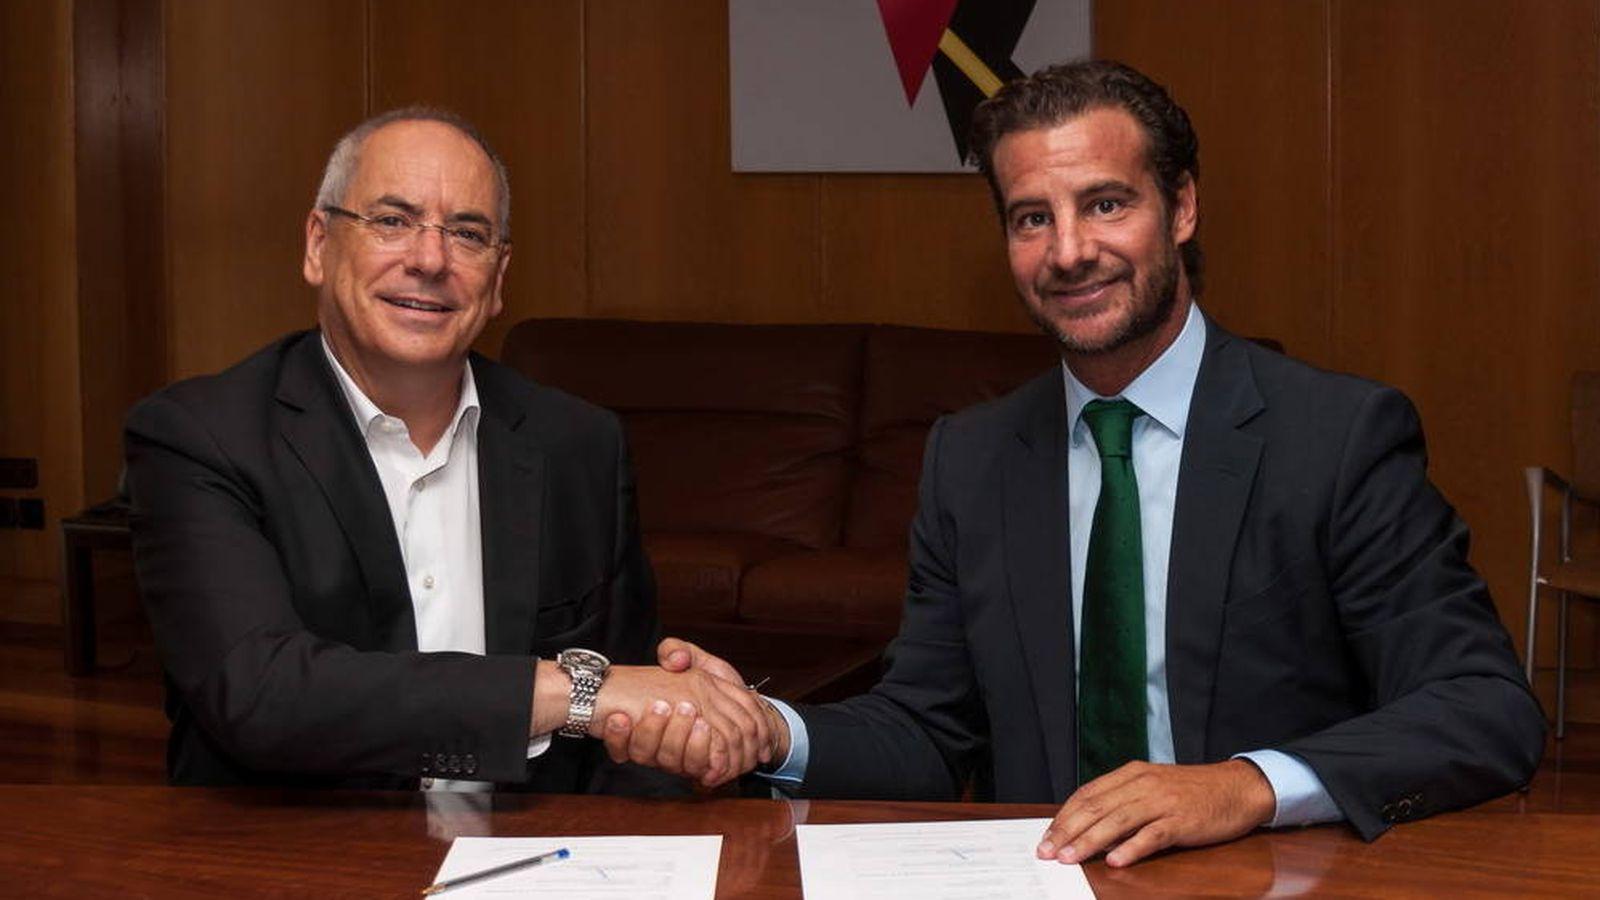 Foto: Foto de archivo de Alejandro Ballestero (d) firmando un contrato con el responsable de Airbus Defense, Domingo Ureña. (Sainsel)